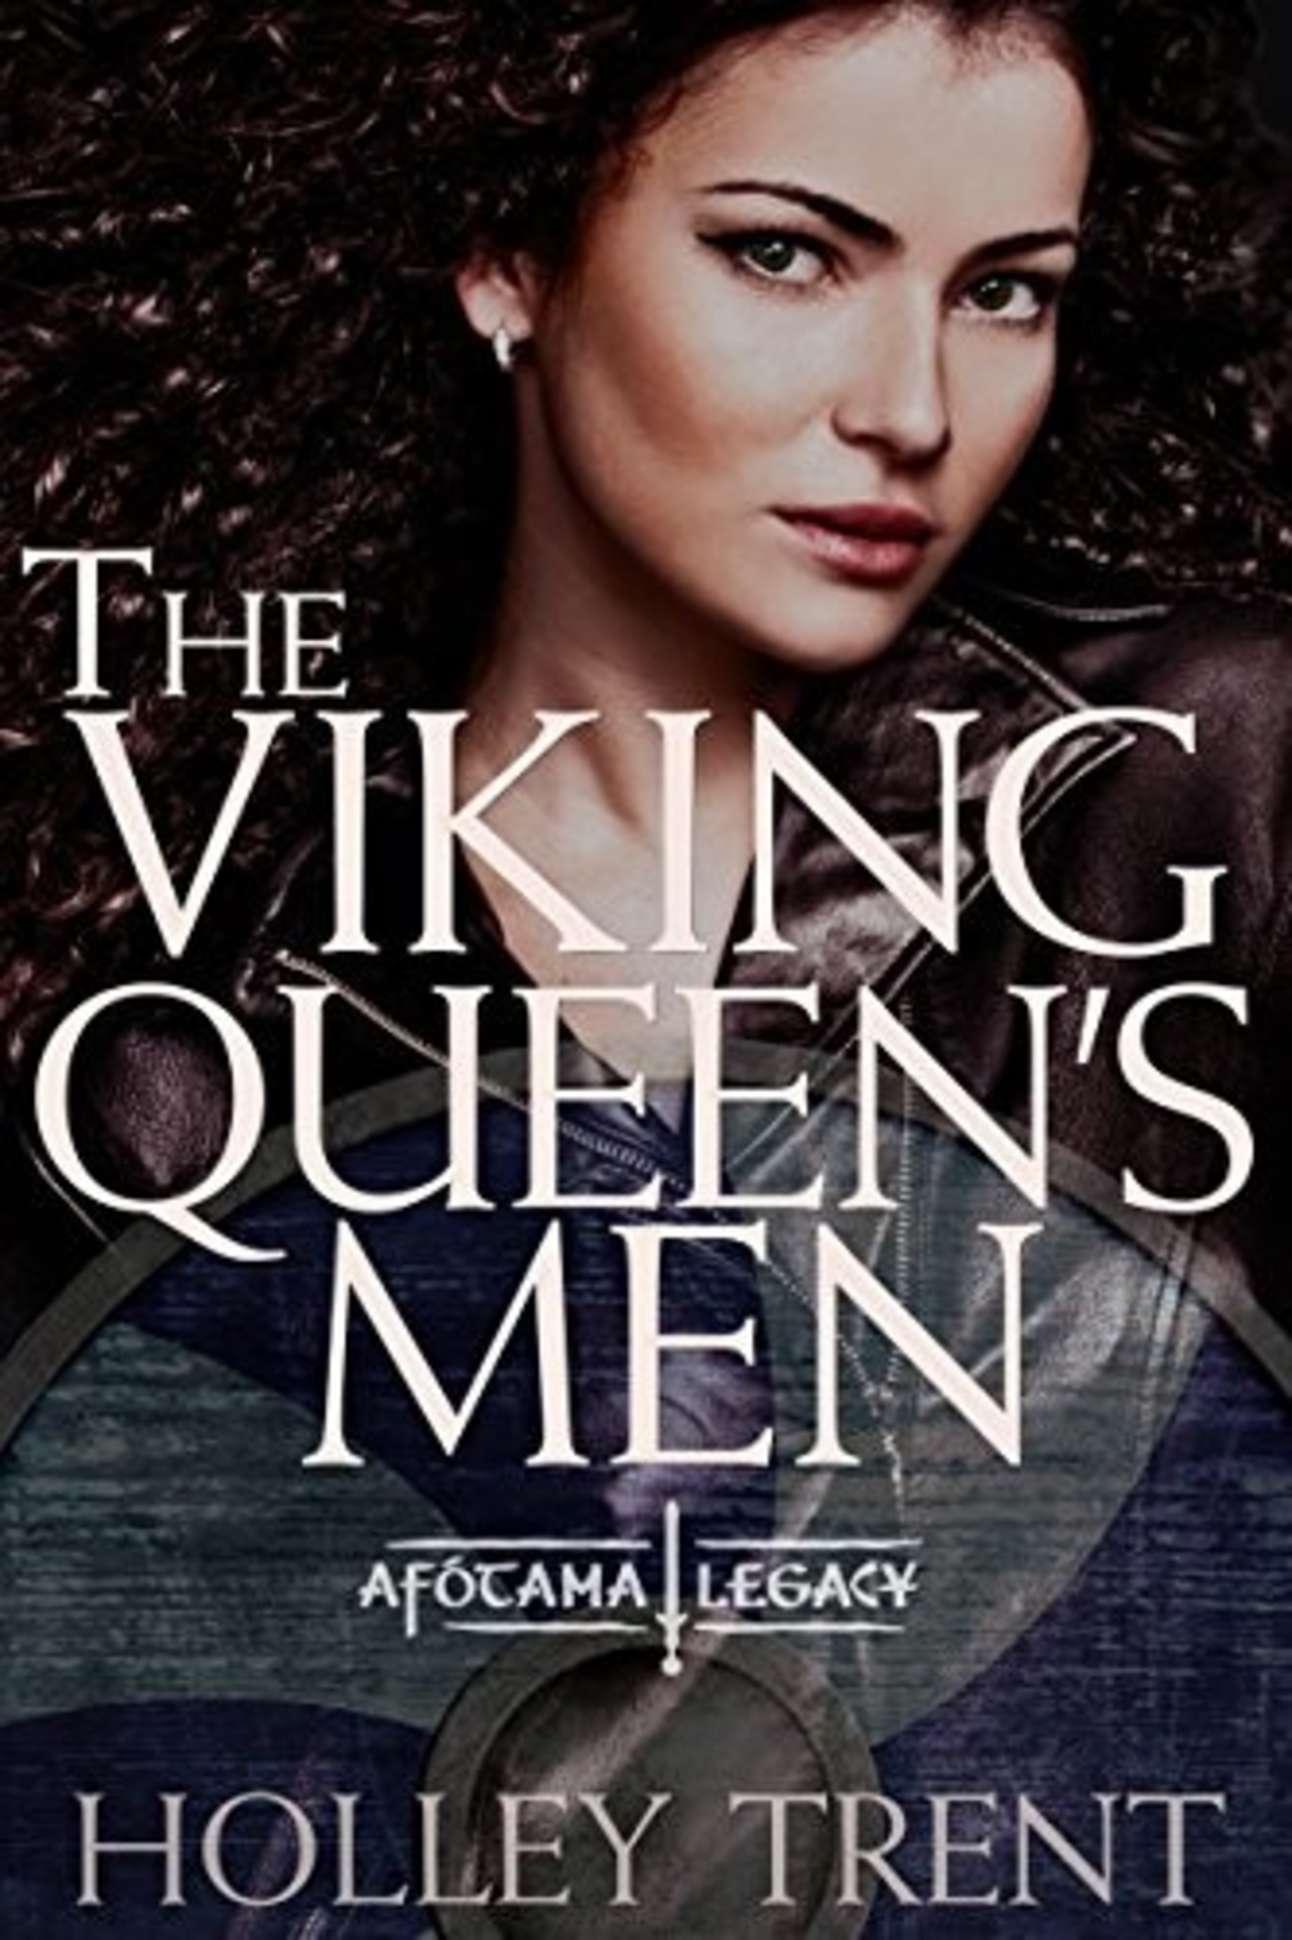 the_viking_queens_men.jpg